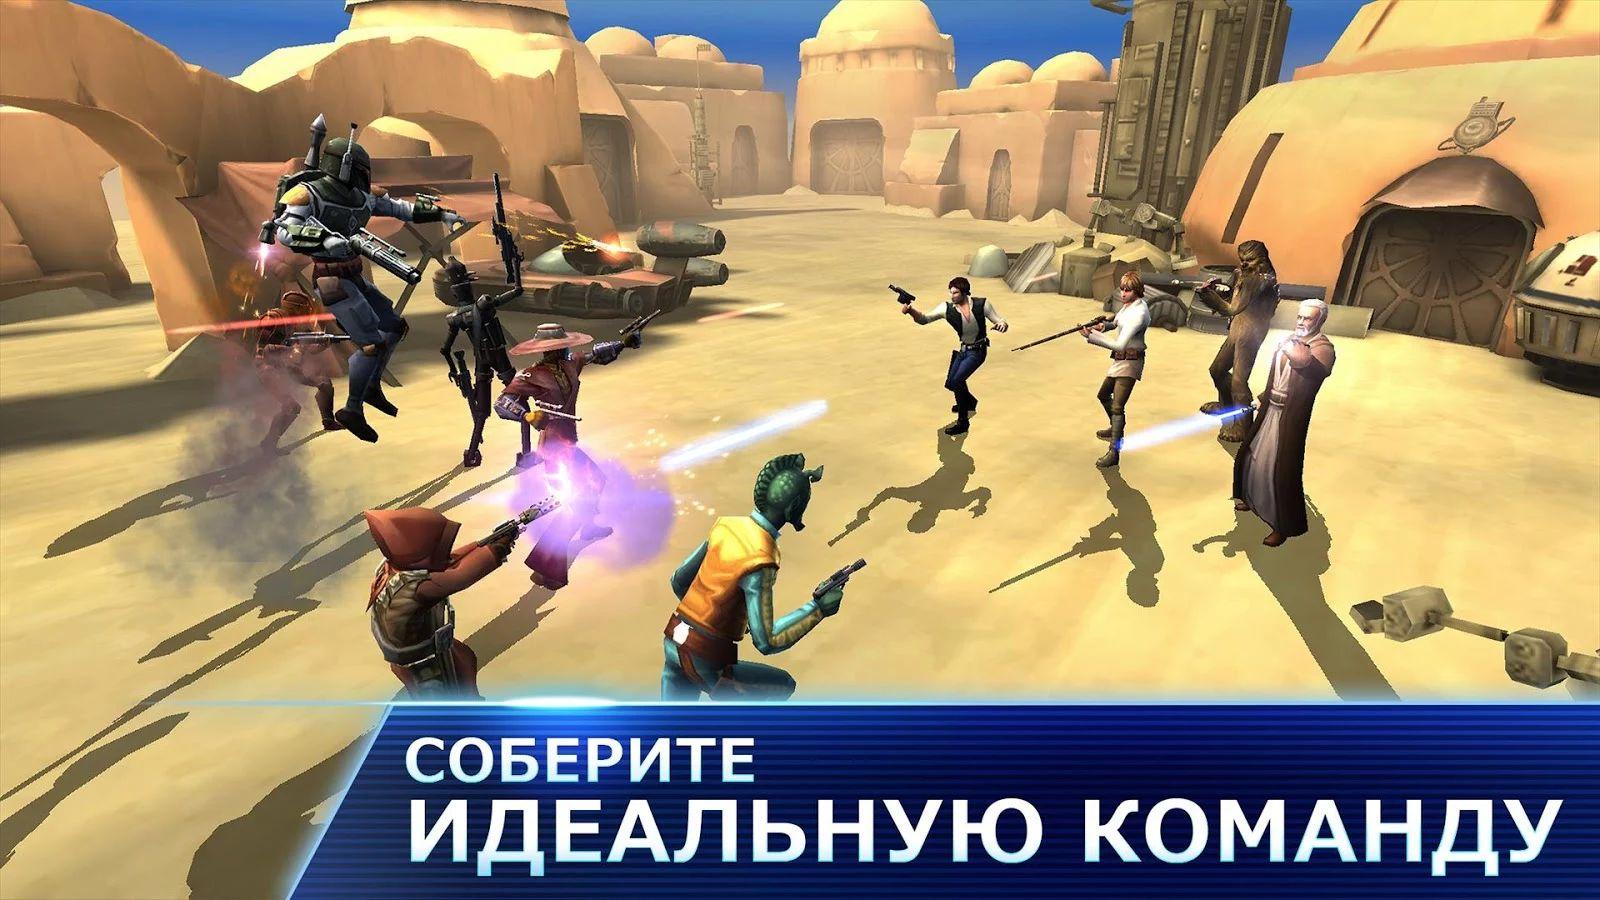 Звездные войны игра тактика наруто анкета персонажа